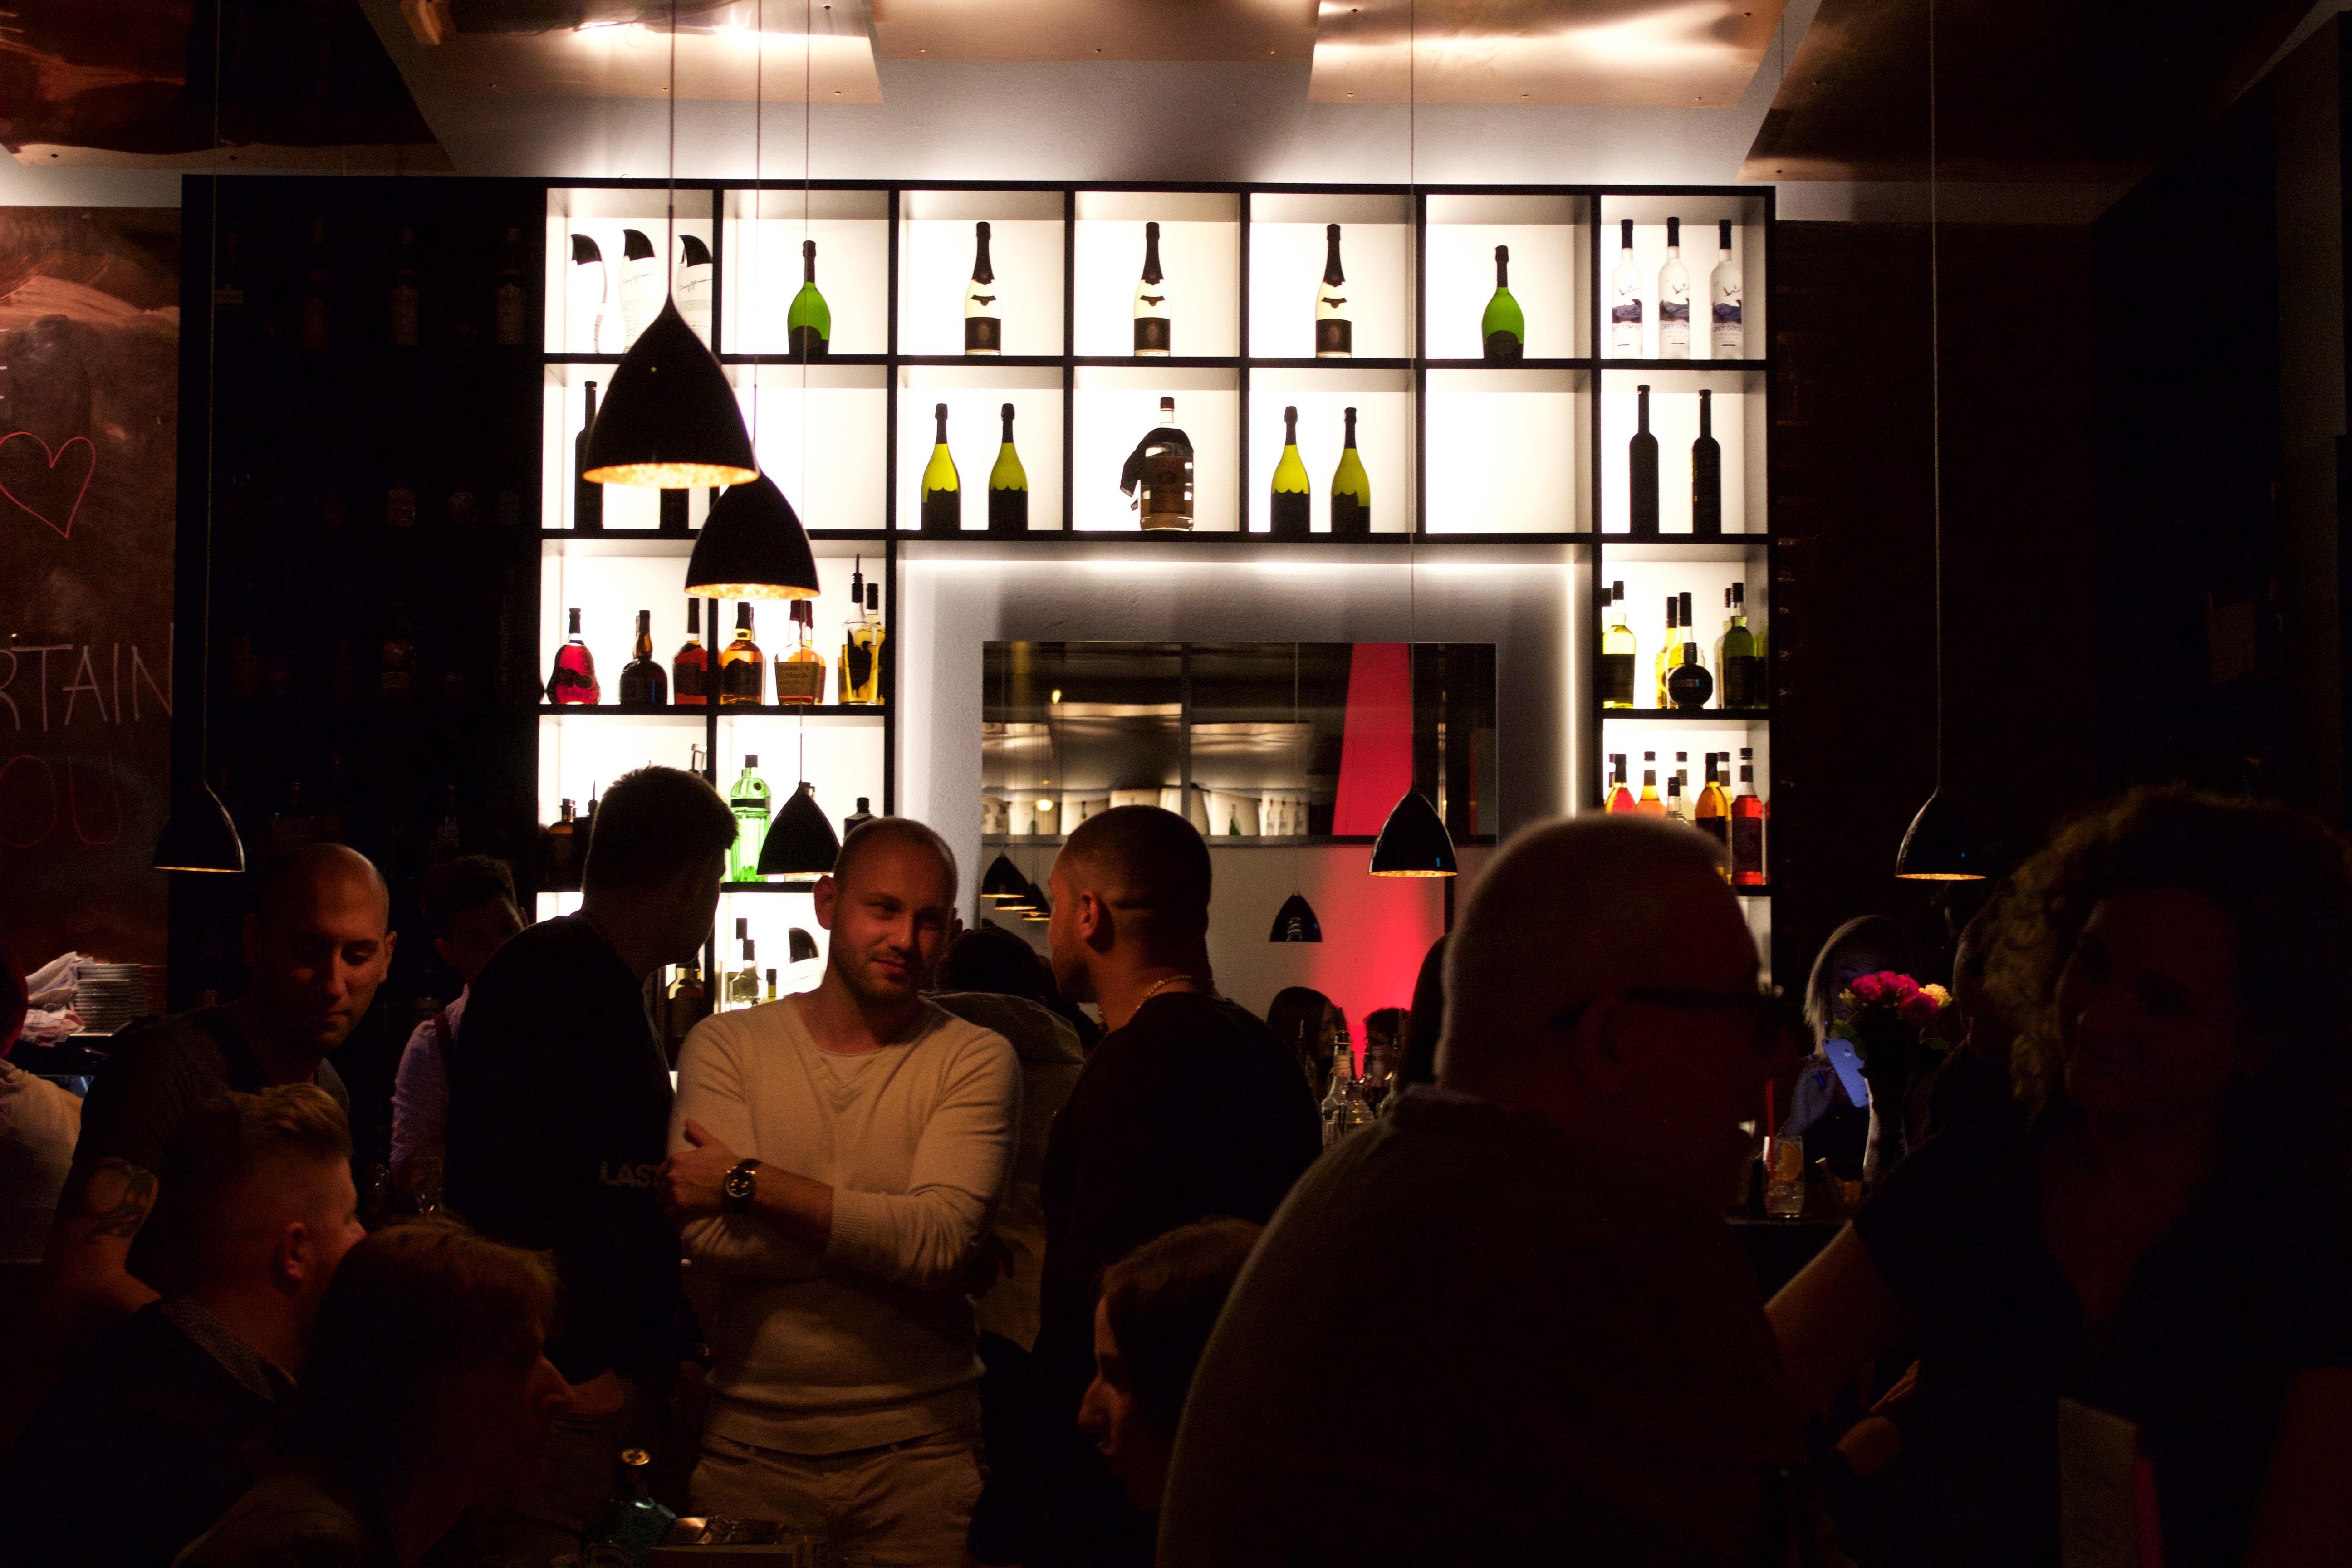 events cocktails reisen die cocktailbar max 55 ist einzigartig in karlsruhe. Black Bedroom Furniture Sets. Home Design Ideas